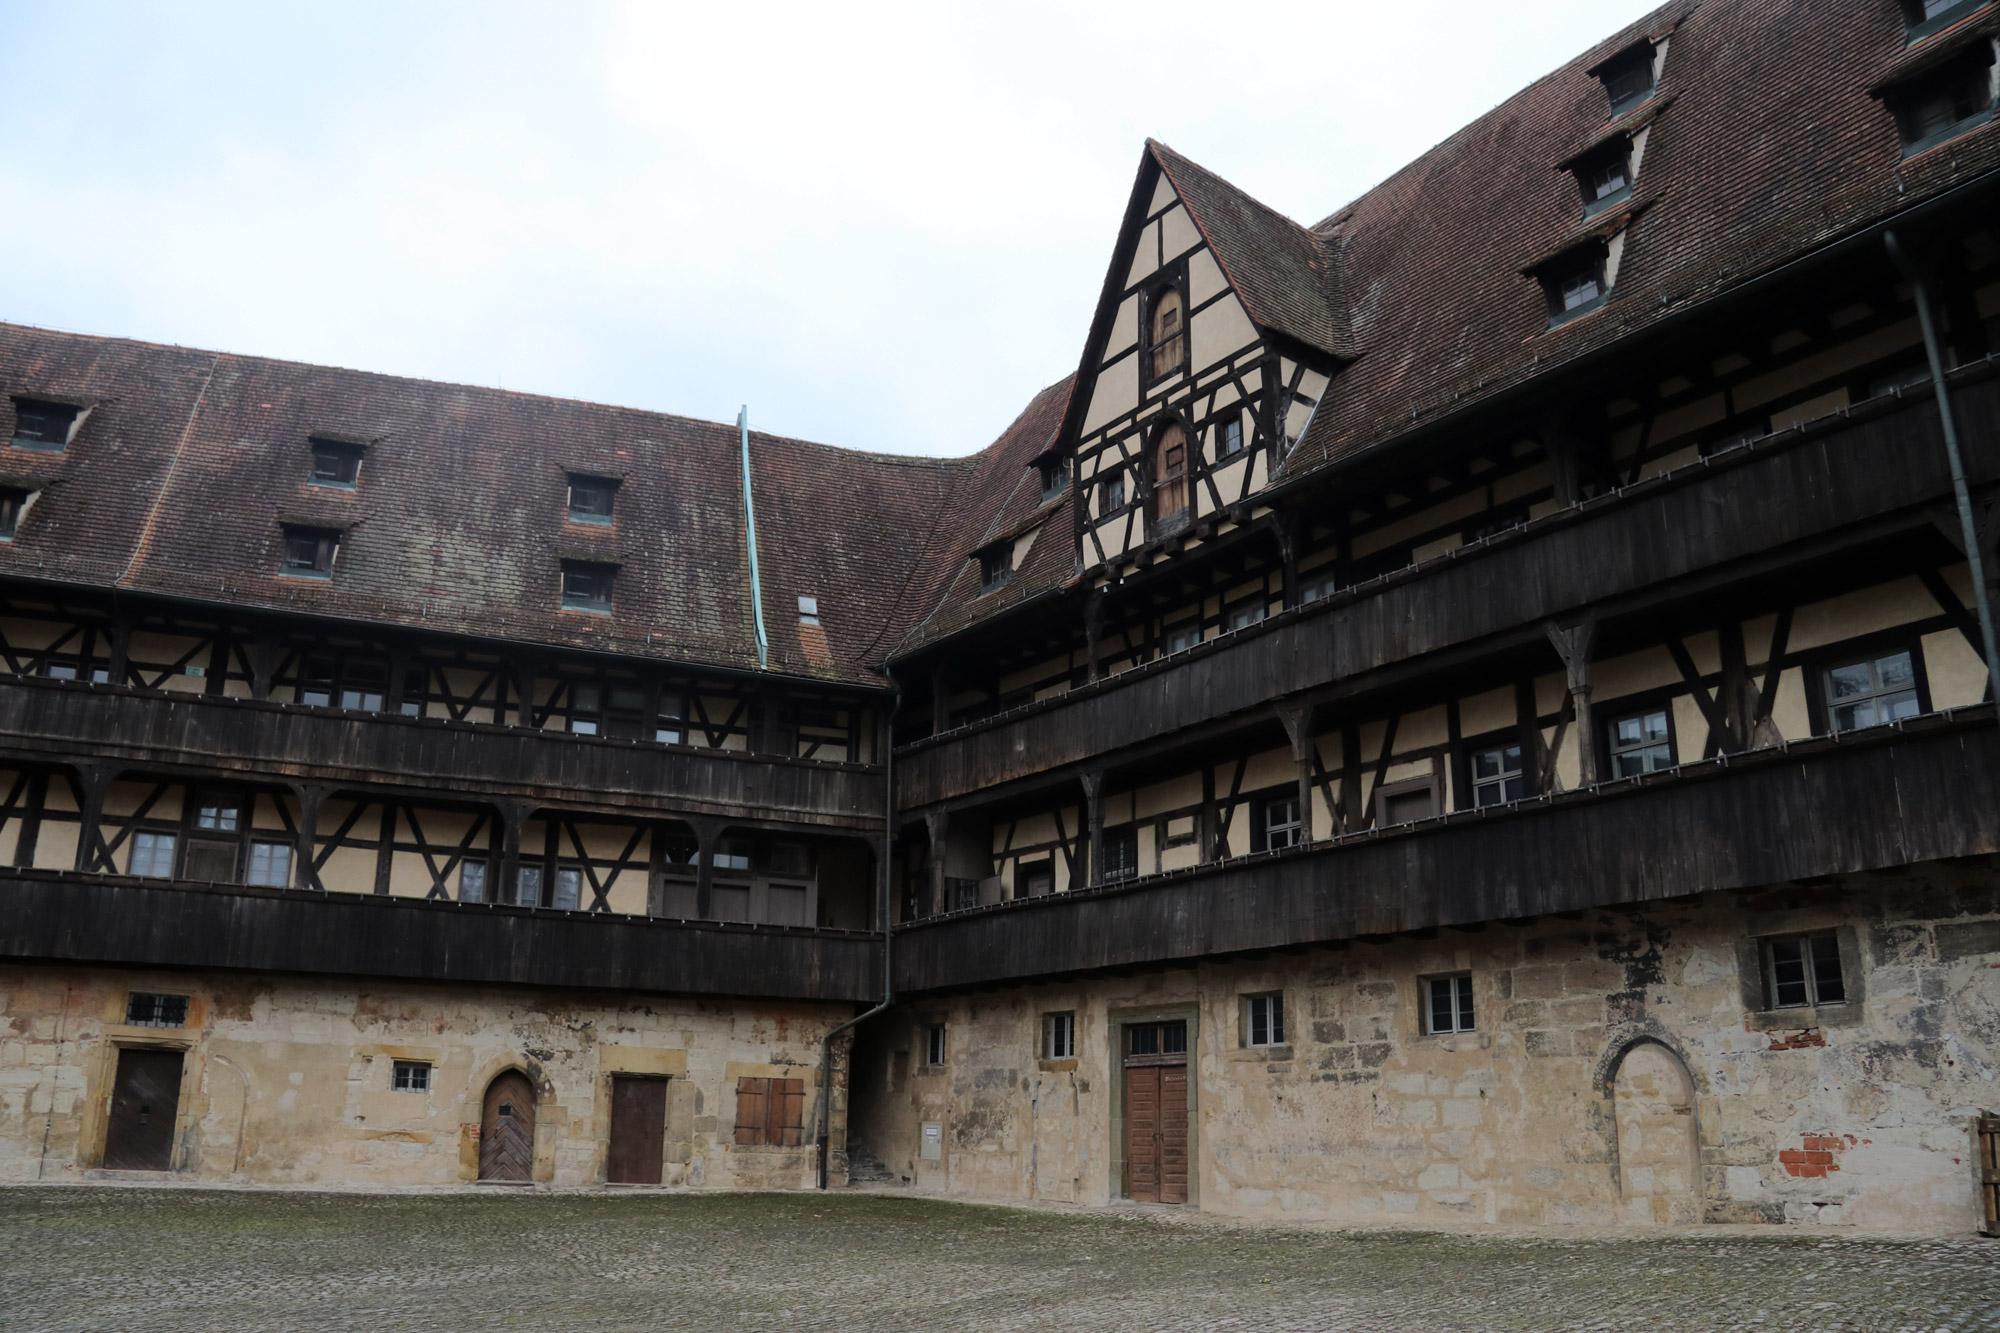 Bamberg in 10 beelden - Alte Hofhaltung